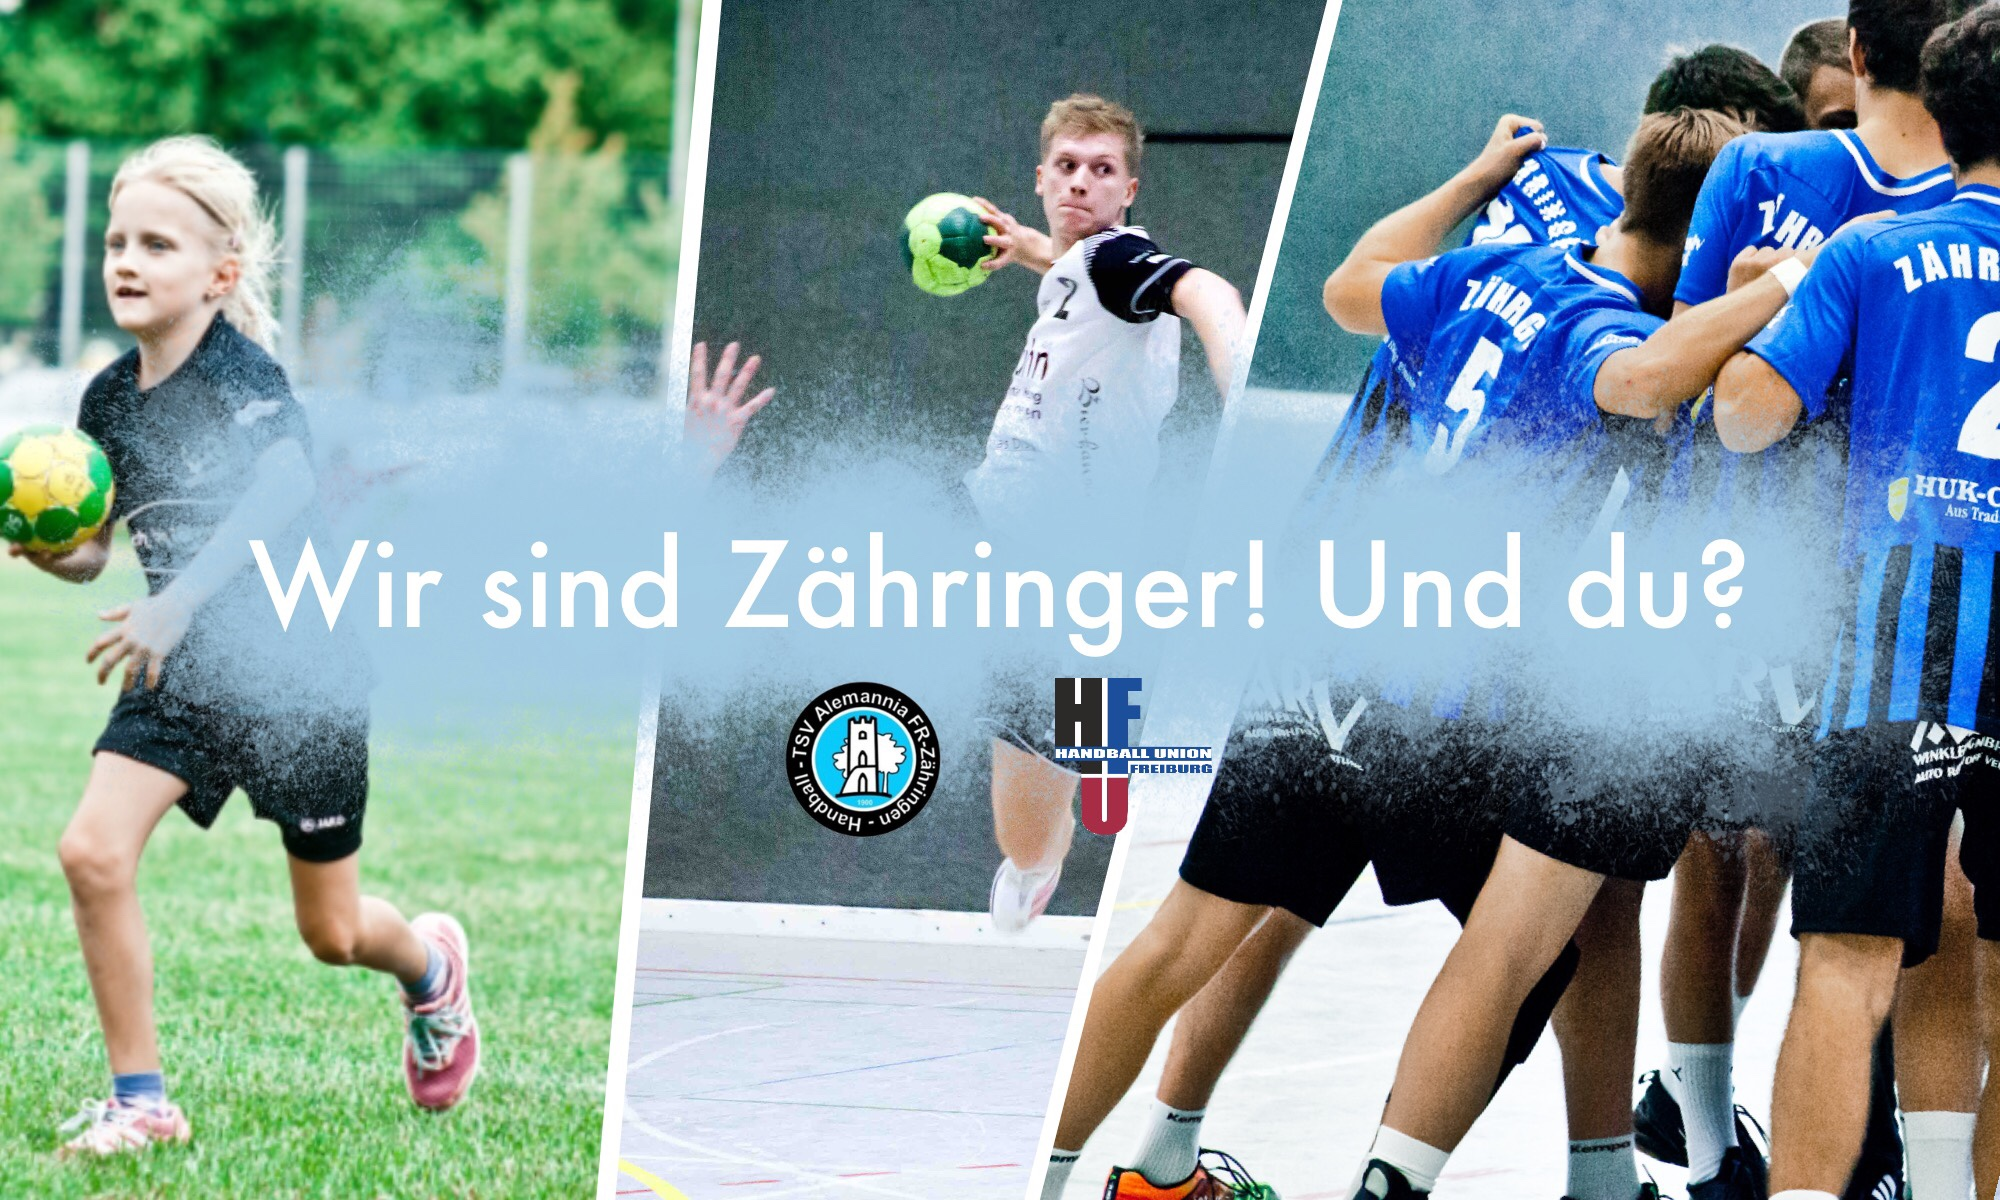 Zähringer Handballer